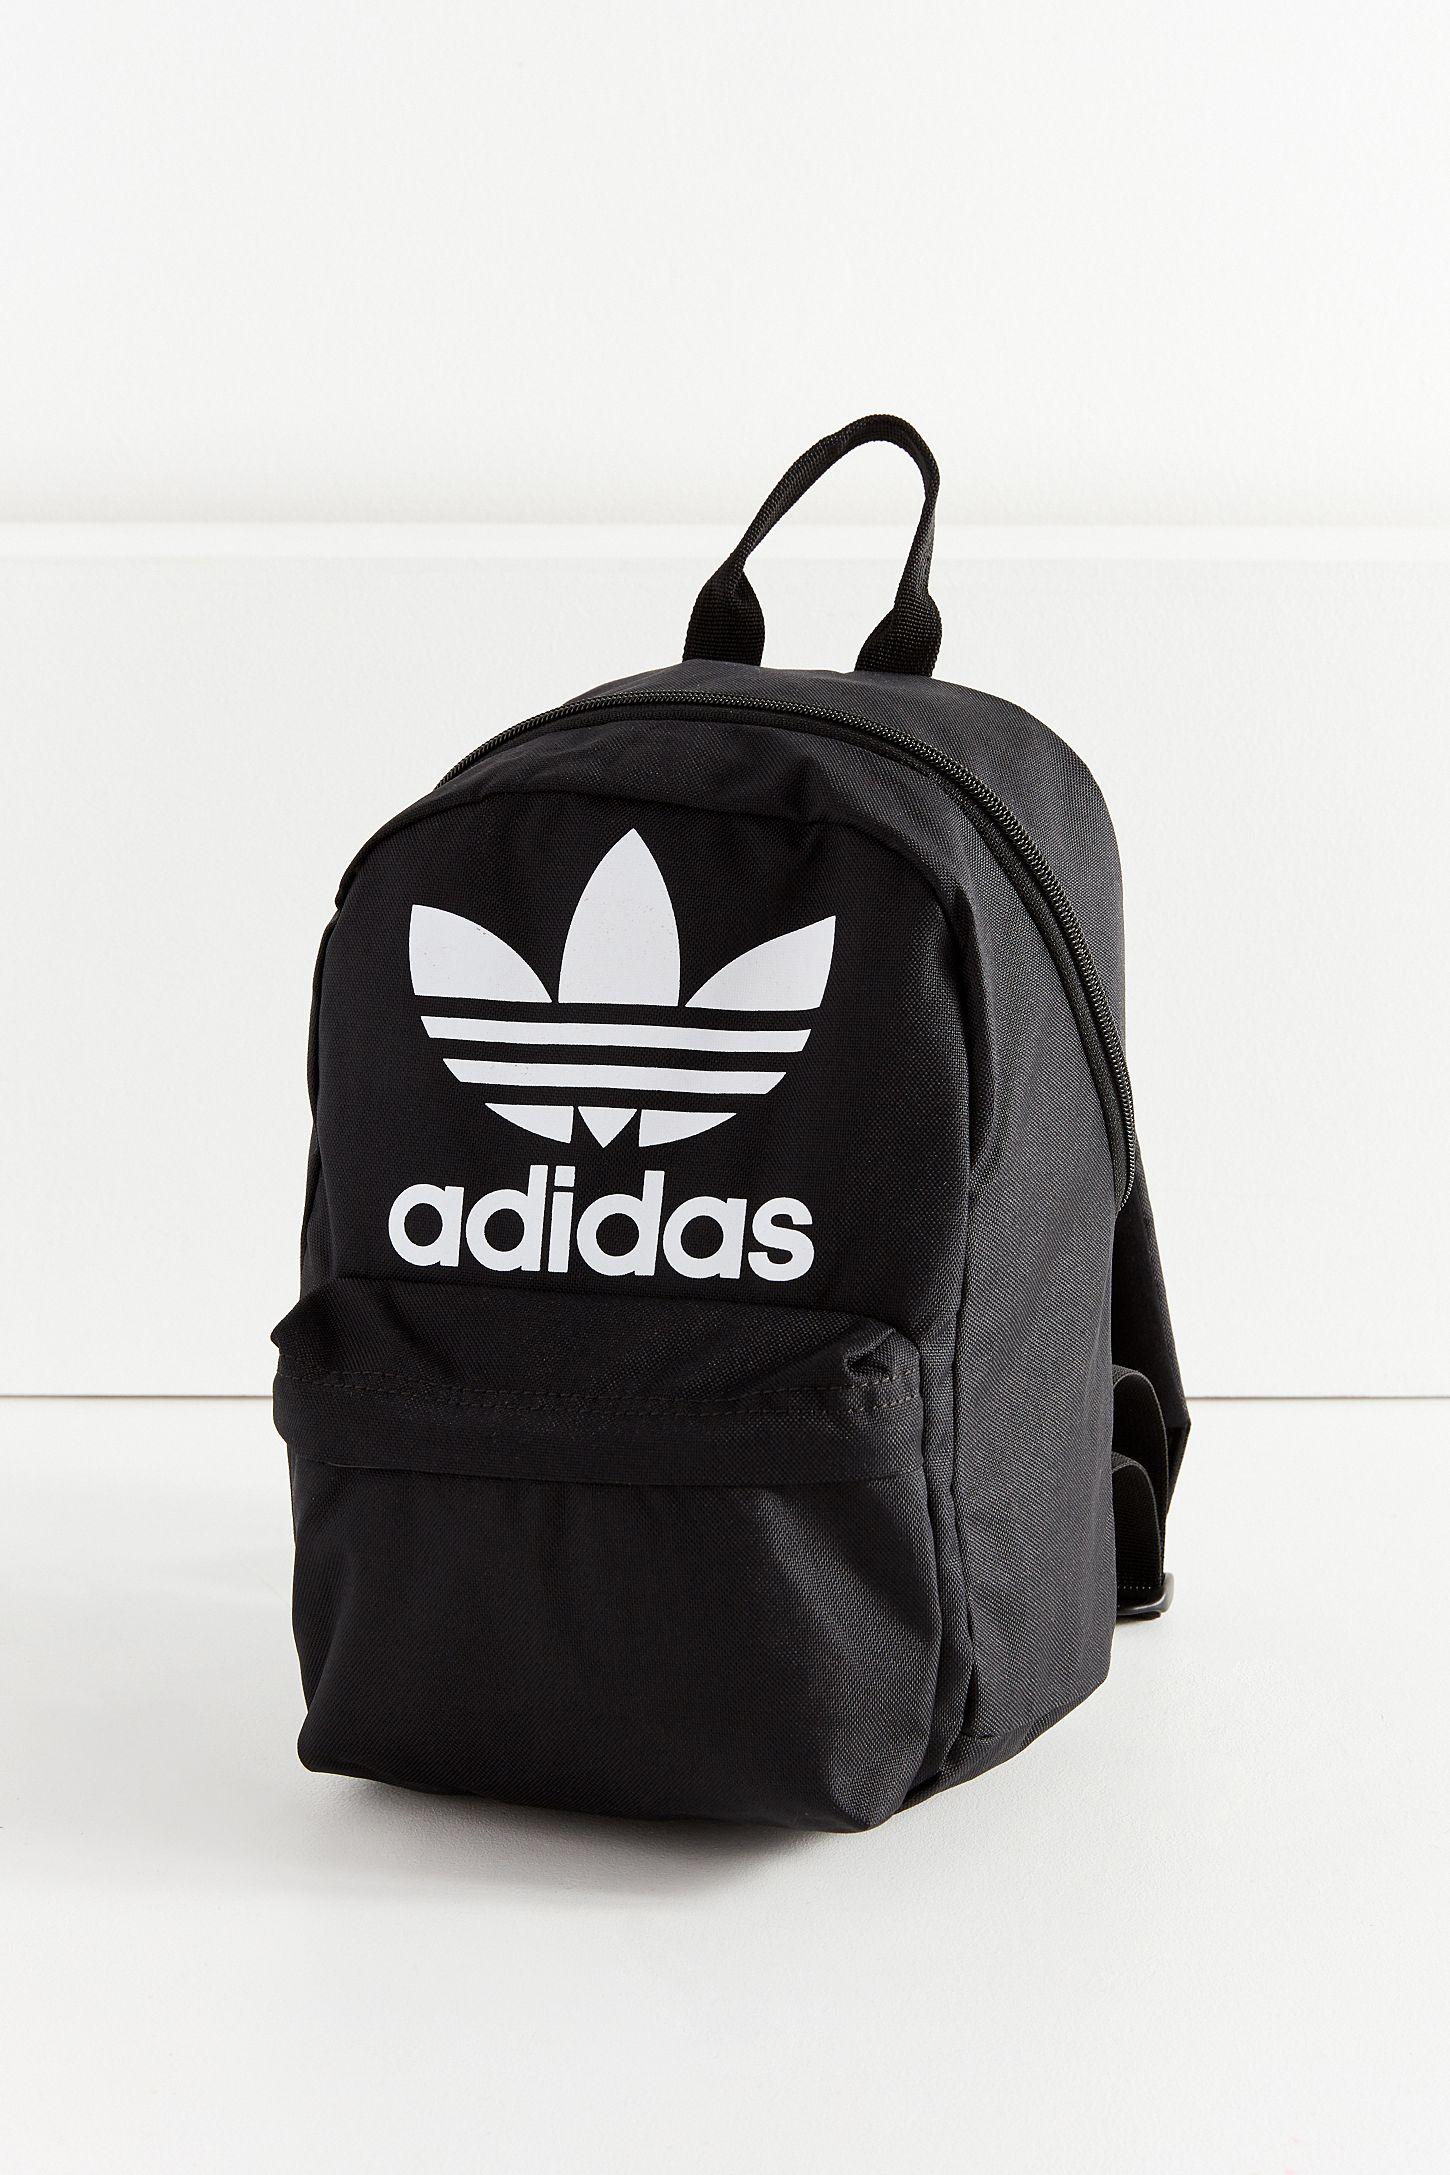 a1a3ba0599 adidas Originals Mini Backpack